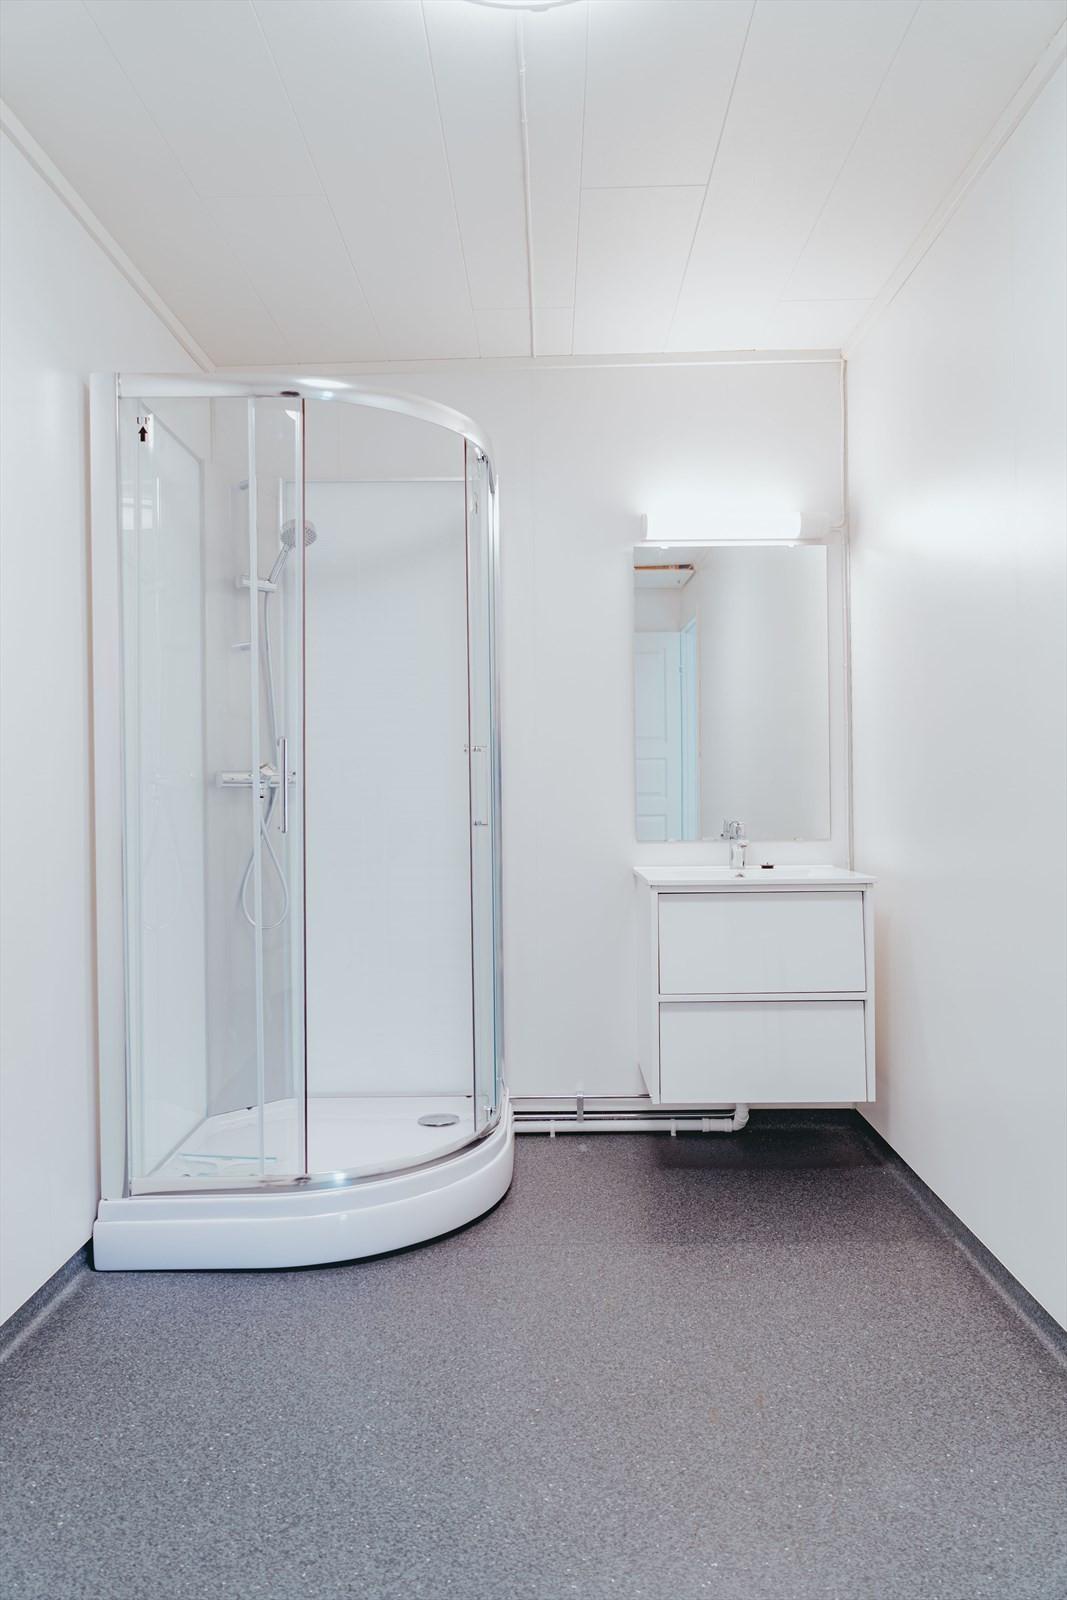 Stort vaskerom som også er utstyrt med dusjkabinett og innredning